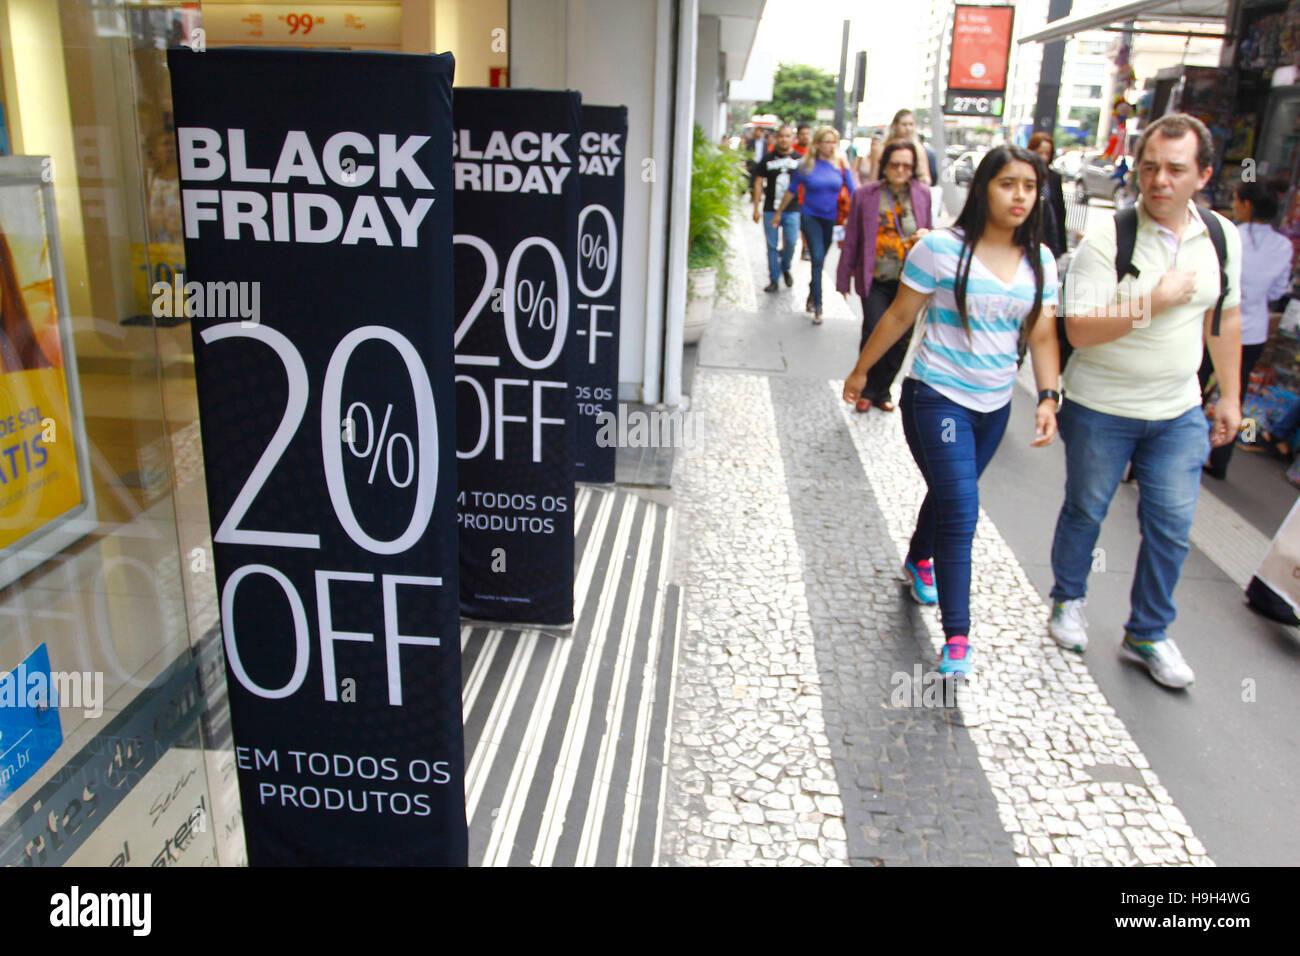 SÃO PAULO, SP - 23.11.2016: Viernes Negro BRASIL 2016 - tendrá lugar el próximo viernes (25) Black Imagen De Stock